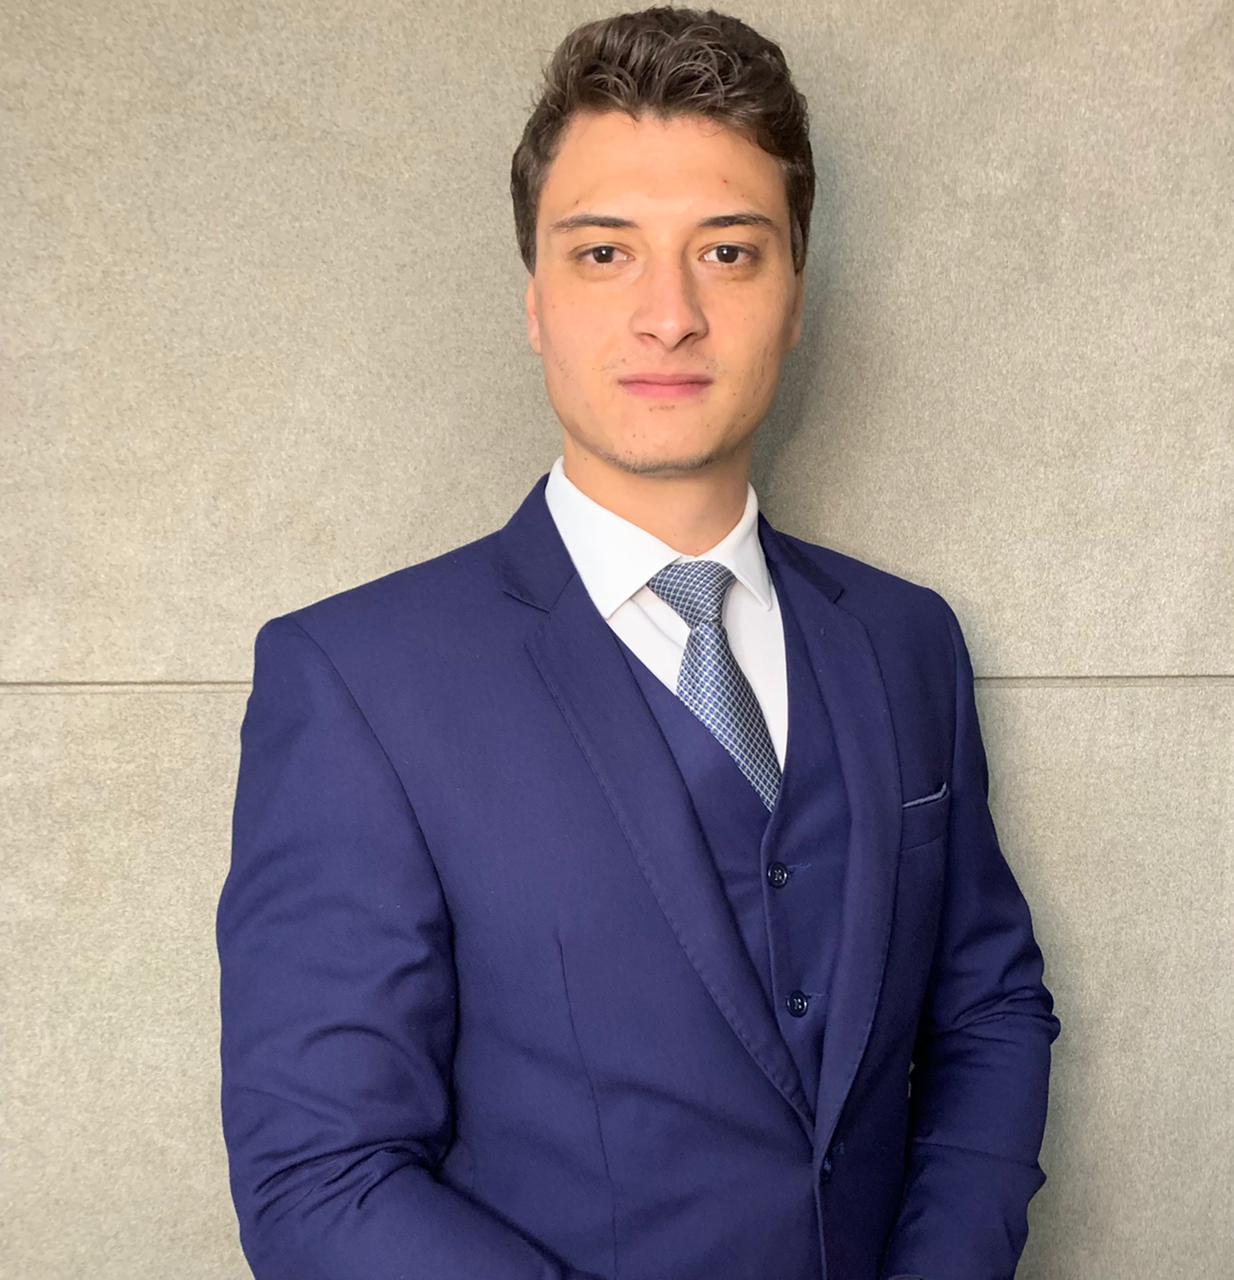 MSV Advocacia Empresarial